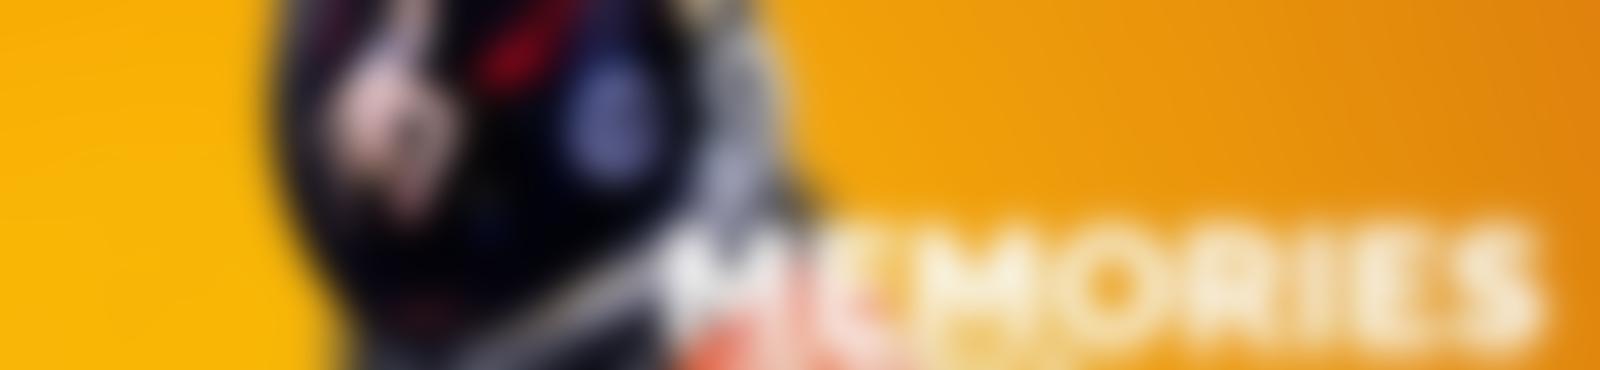 Blurred 431d49fa b23d 426f b8a3 7f67bc317bd2